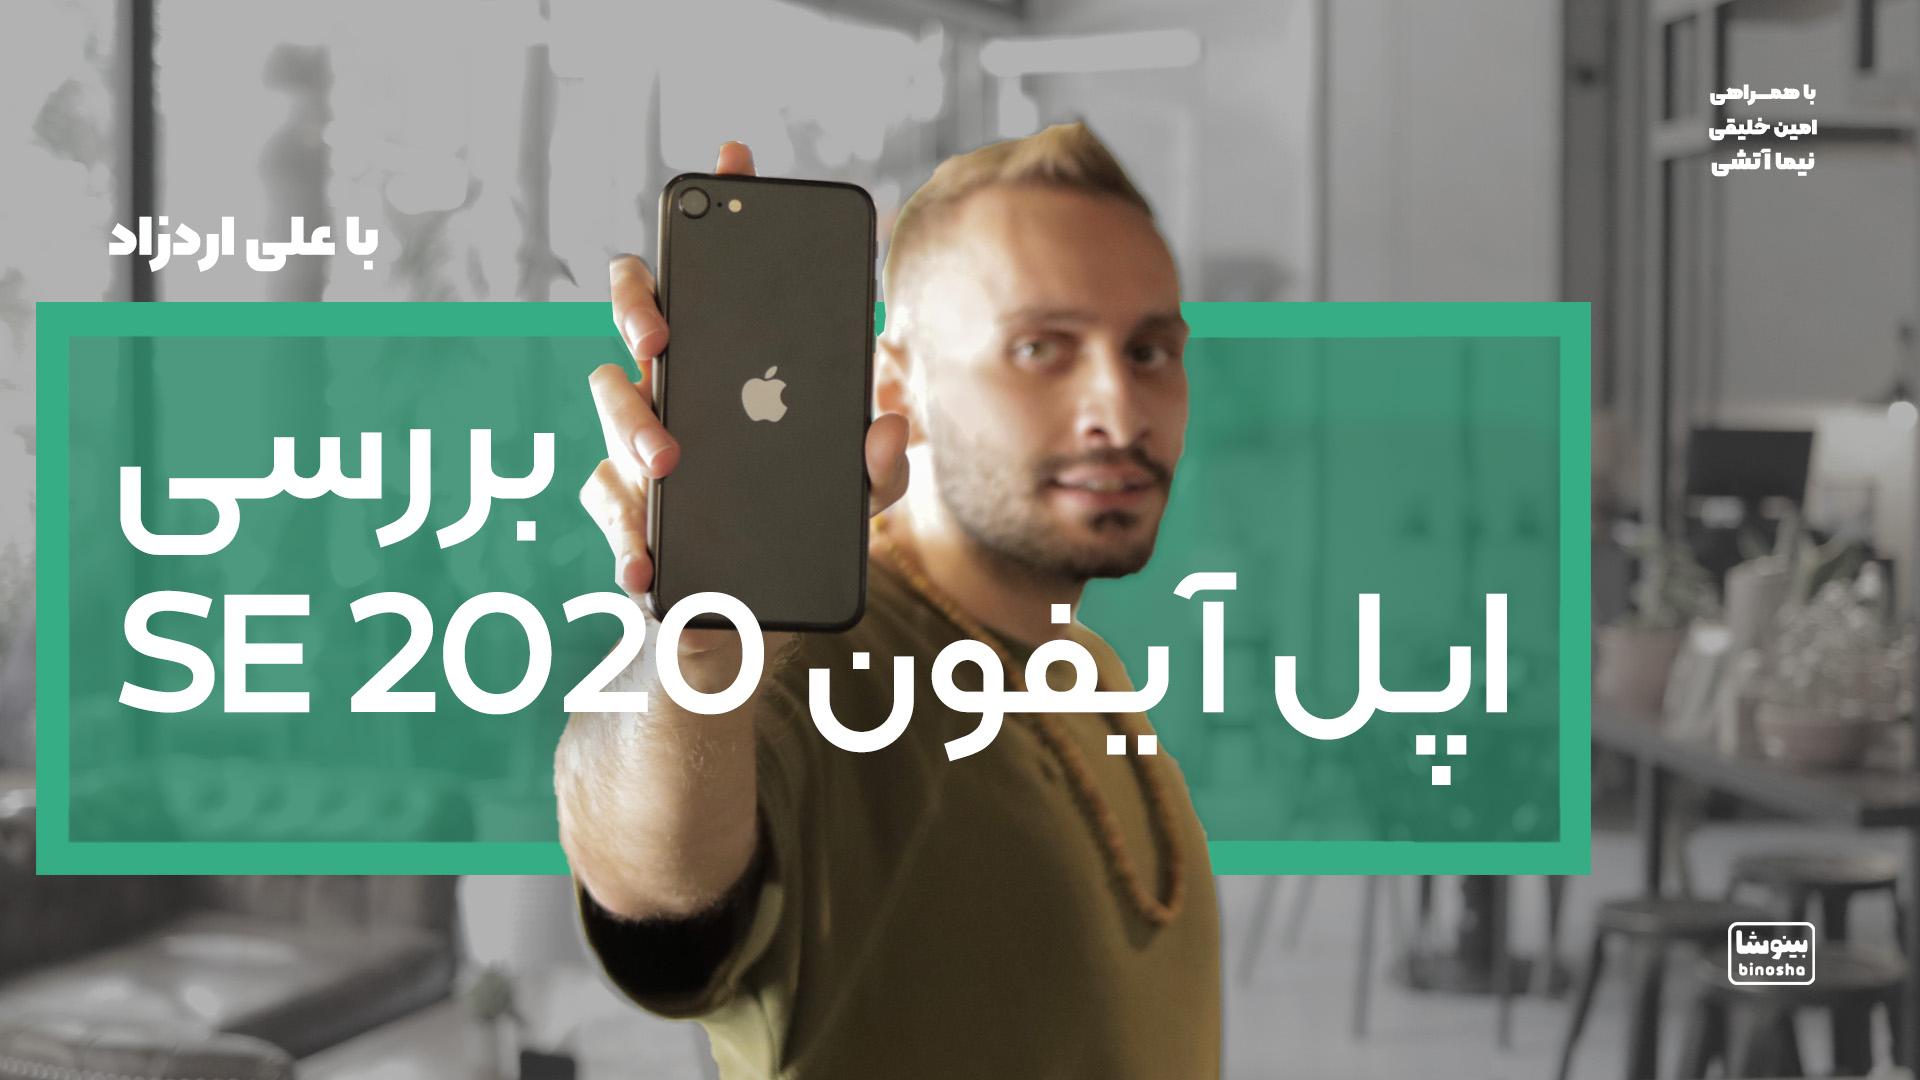 بررسی آیفون اس ای 2020 اپل | Apple iPhone SE 2020 Review